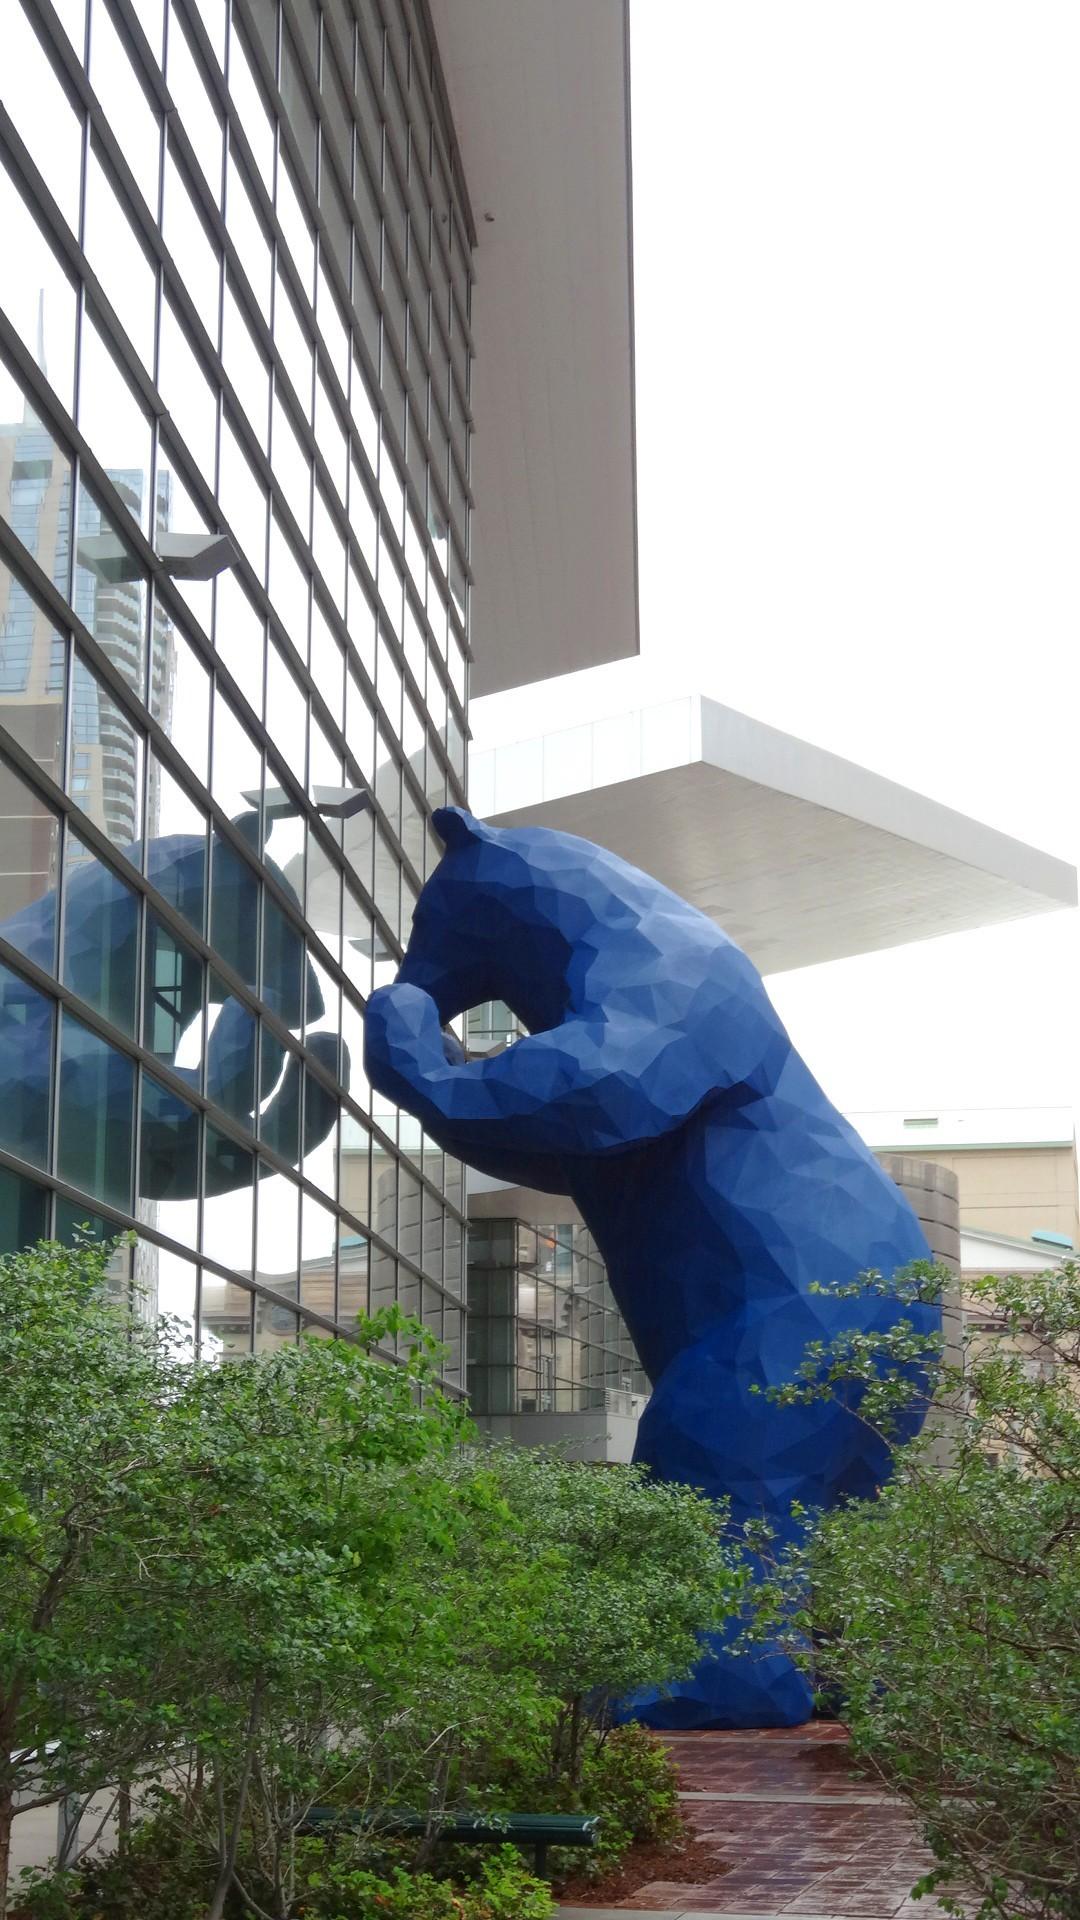 【2013美國微生物學會年會】丹佛的微生物大拜拜跟藍色大熊